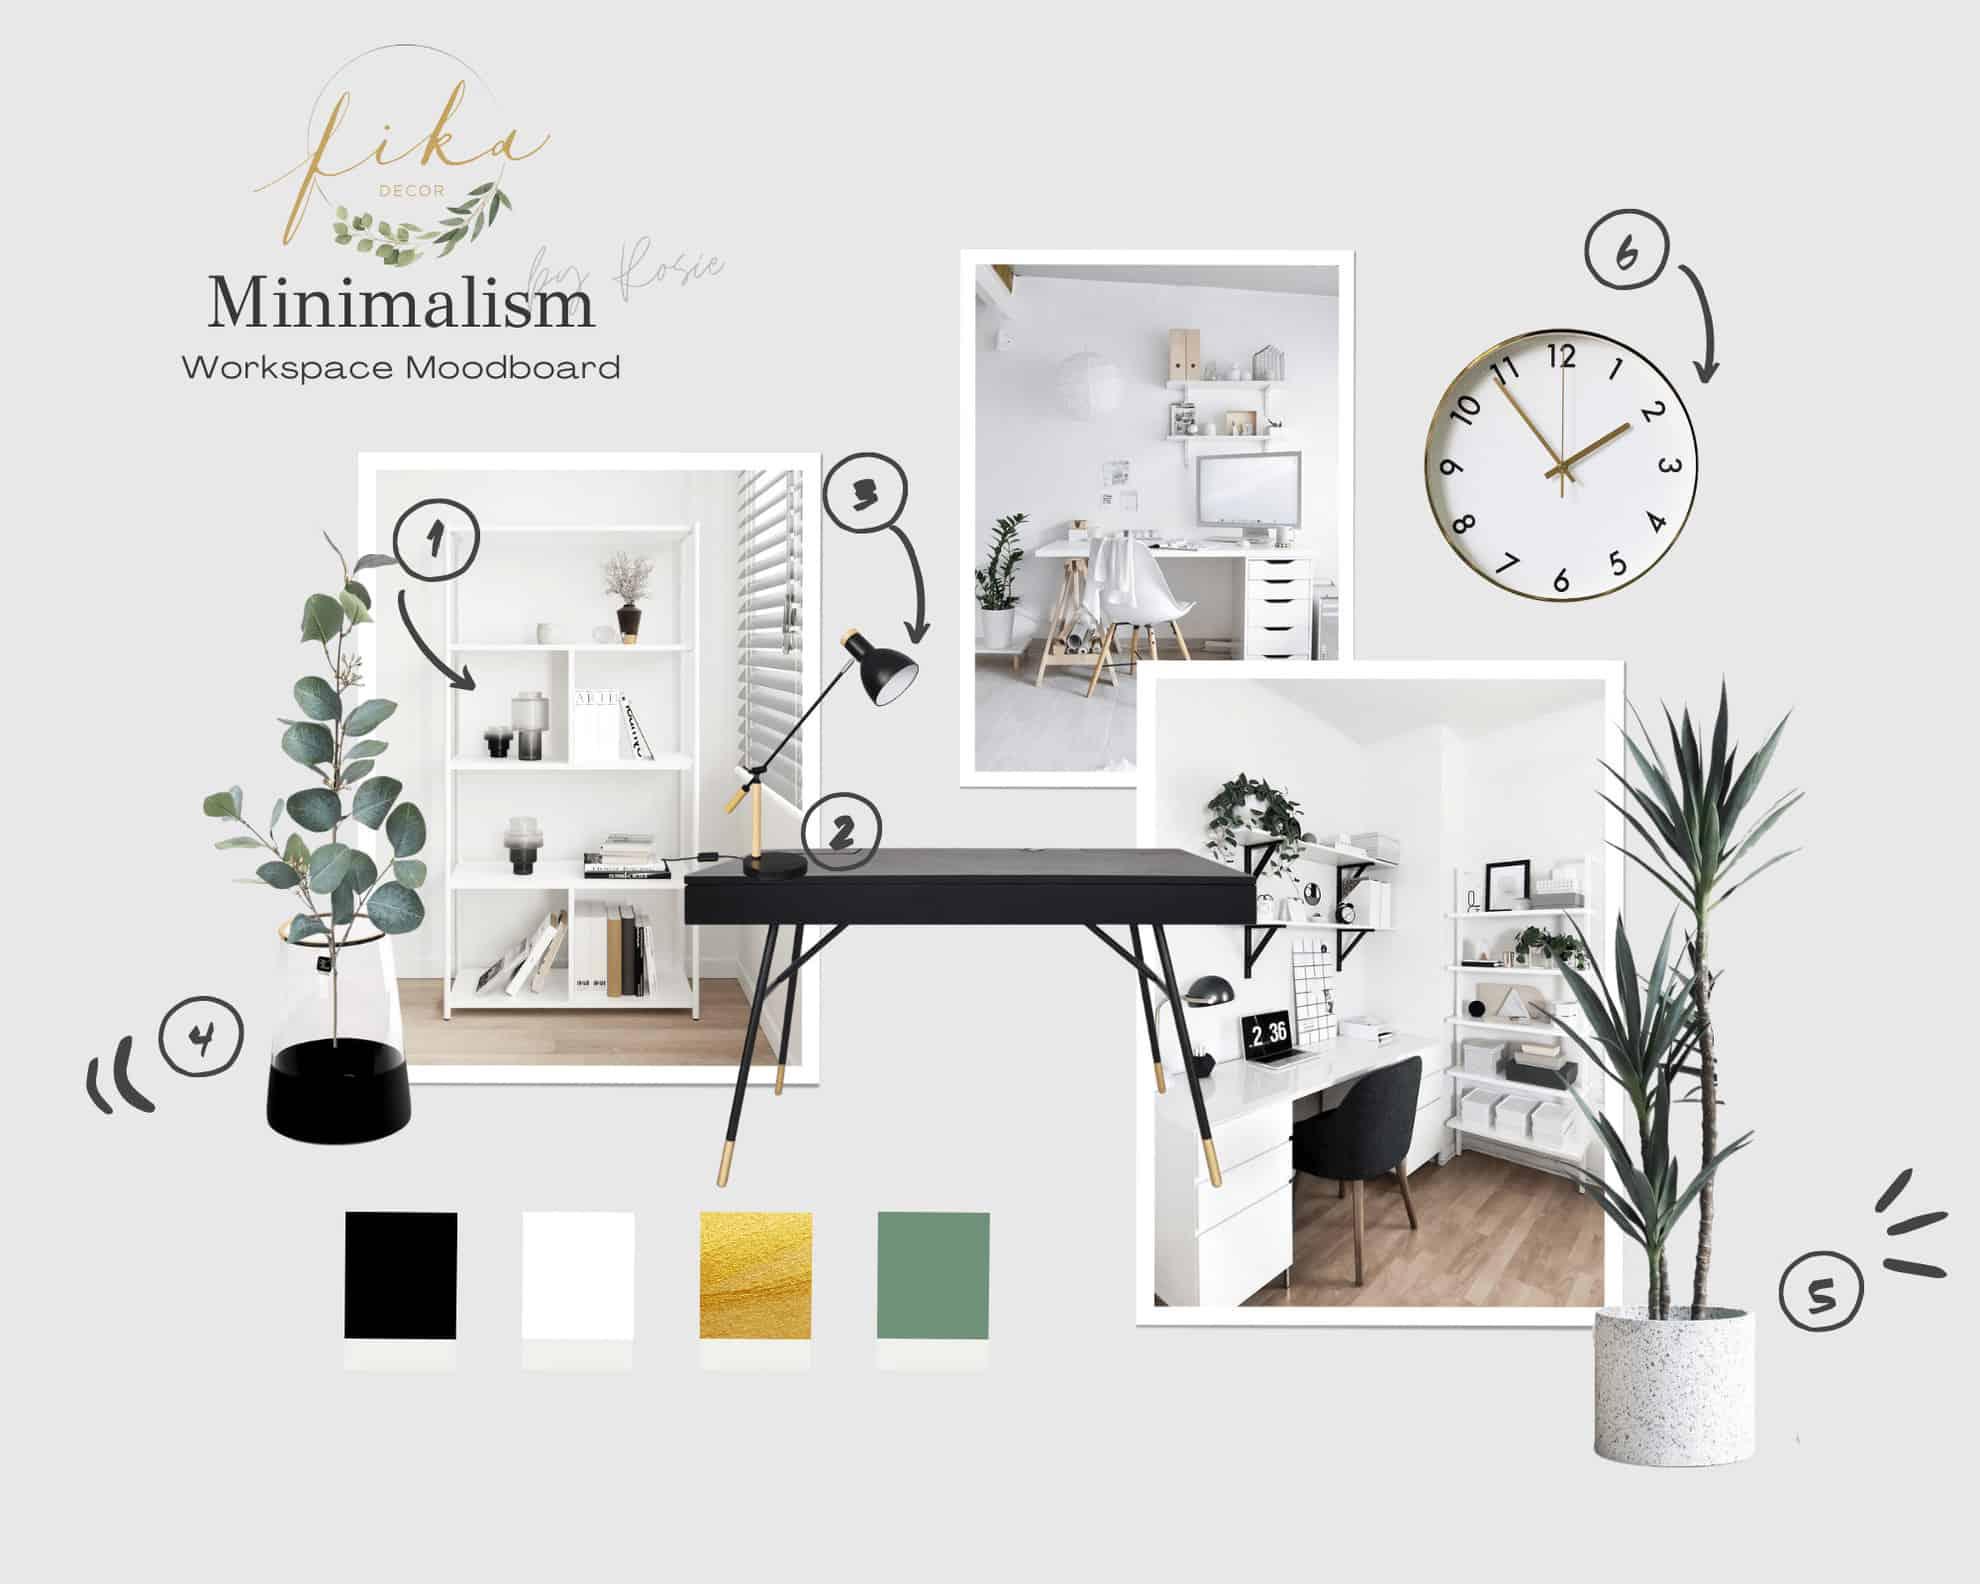 Góc làm việc phong cách tối giản (Minimalism) + Moodboard 2